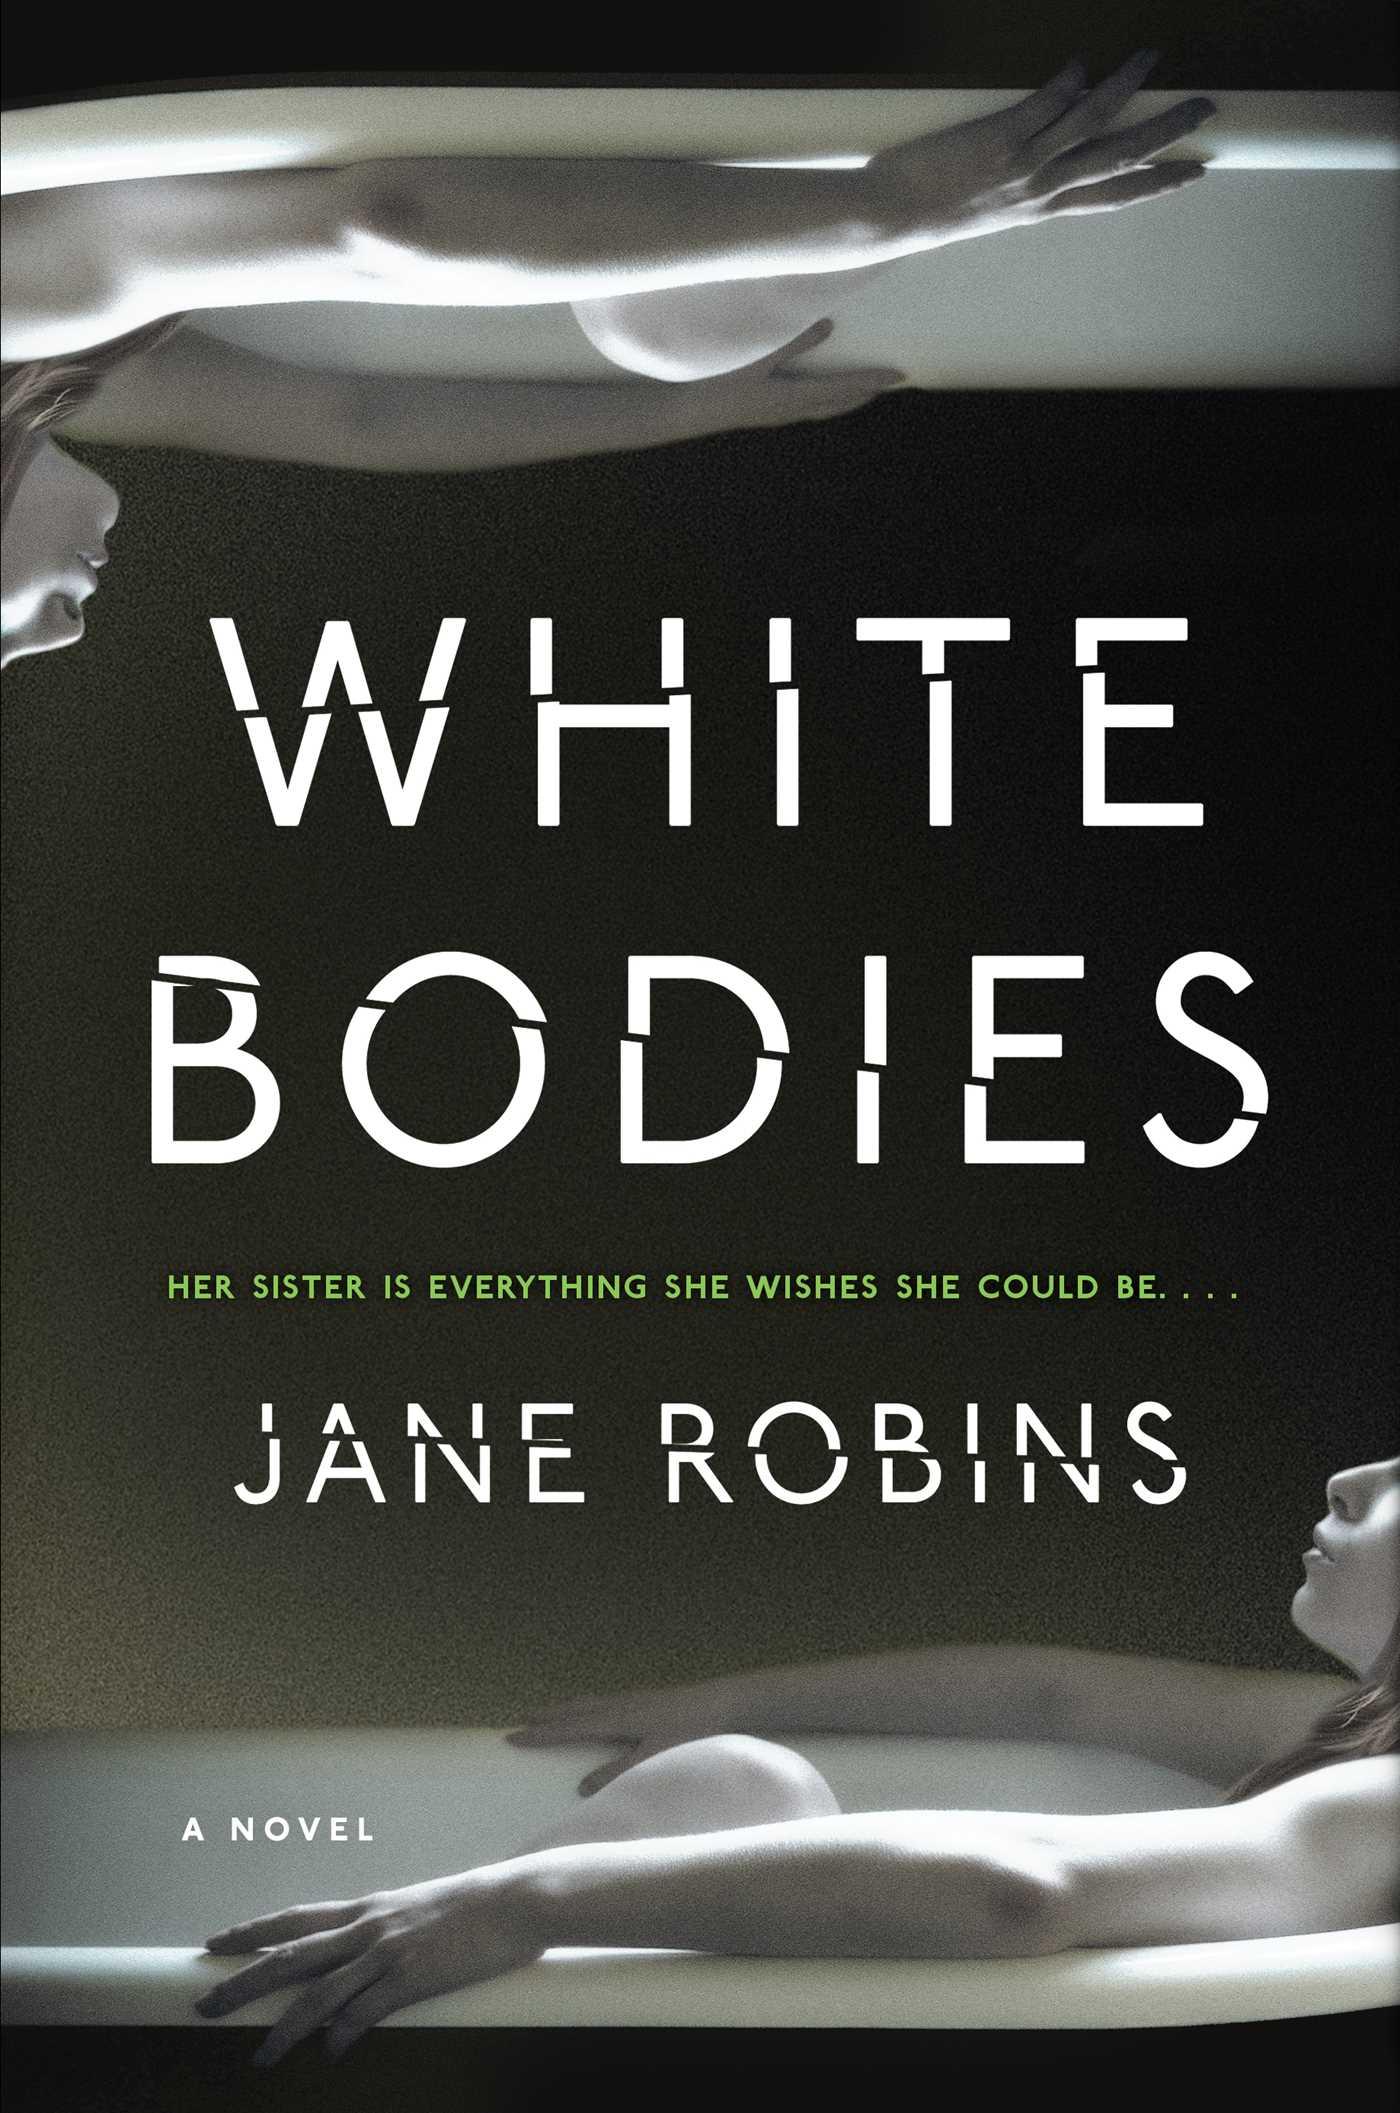 White bodies 9781501165085 hr